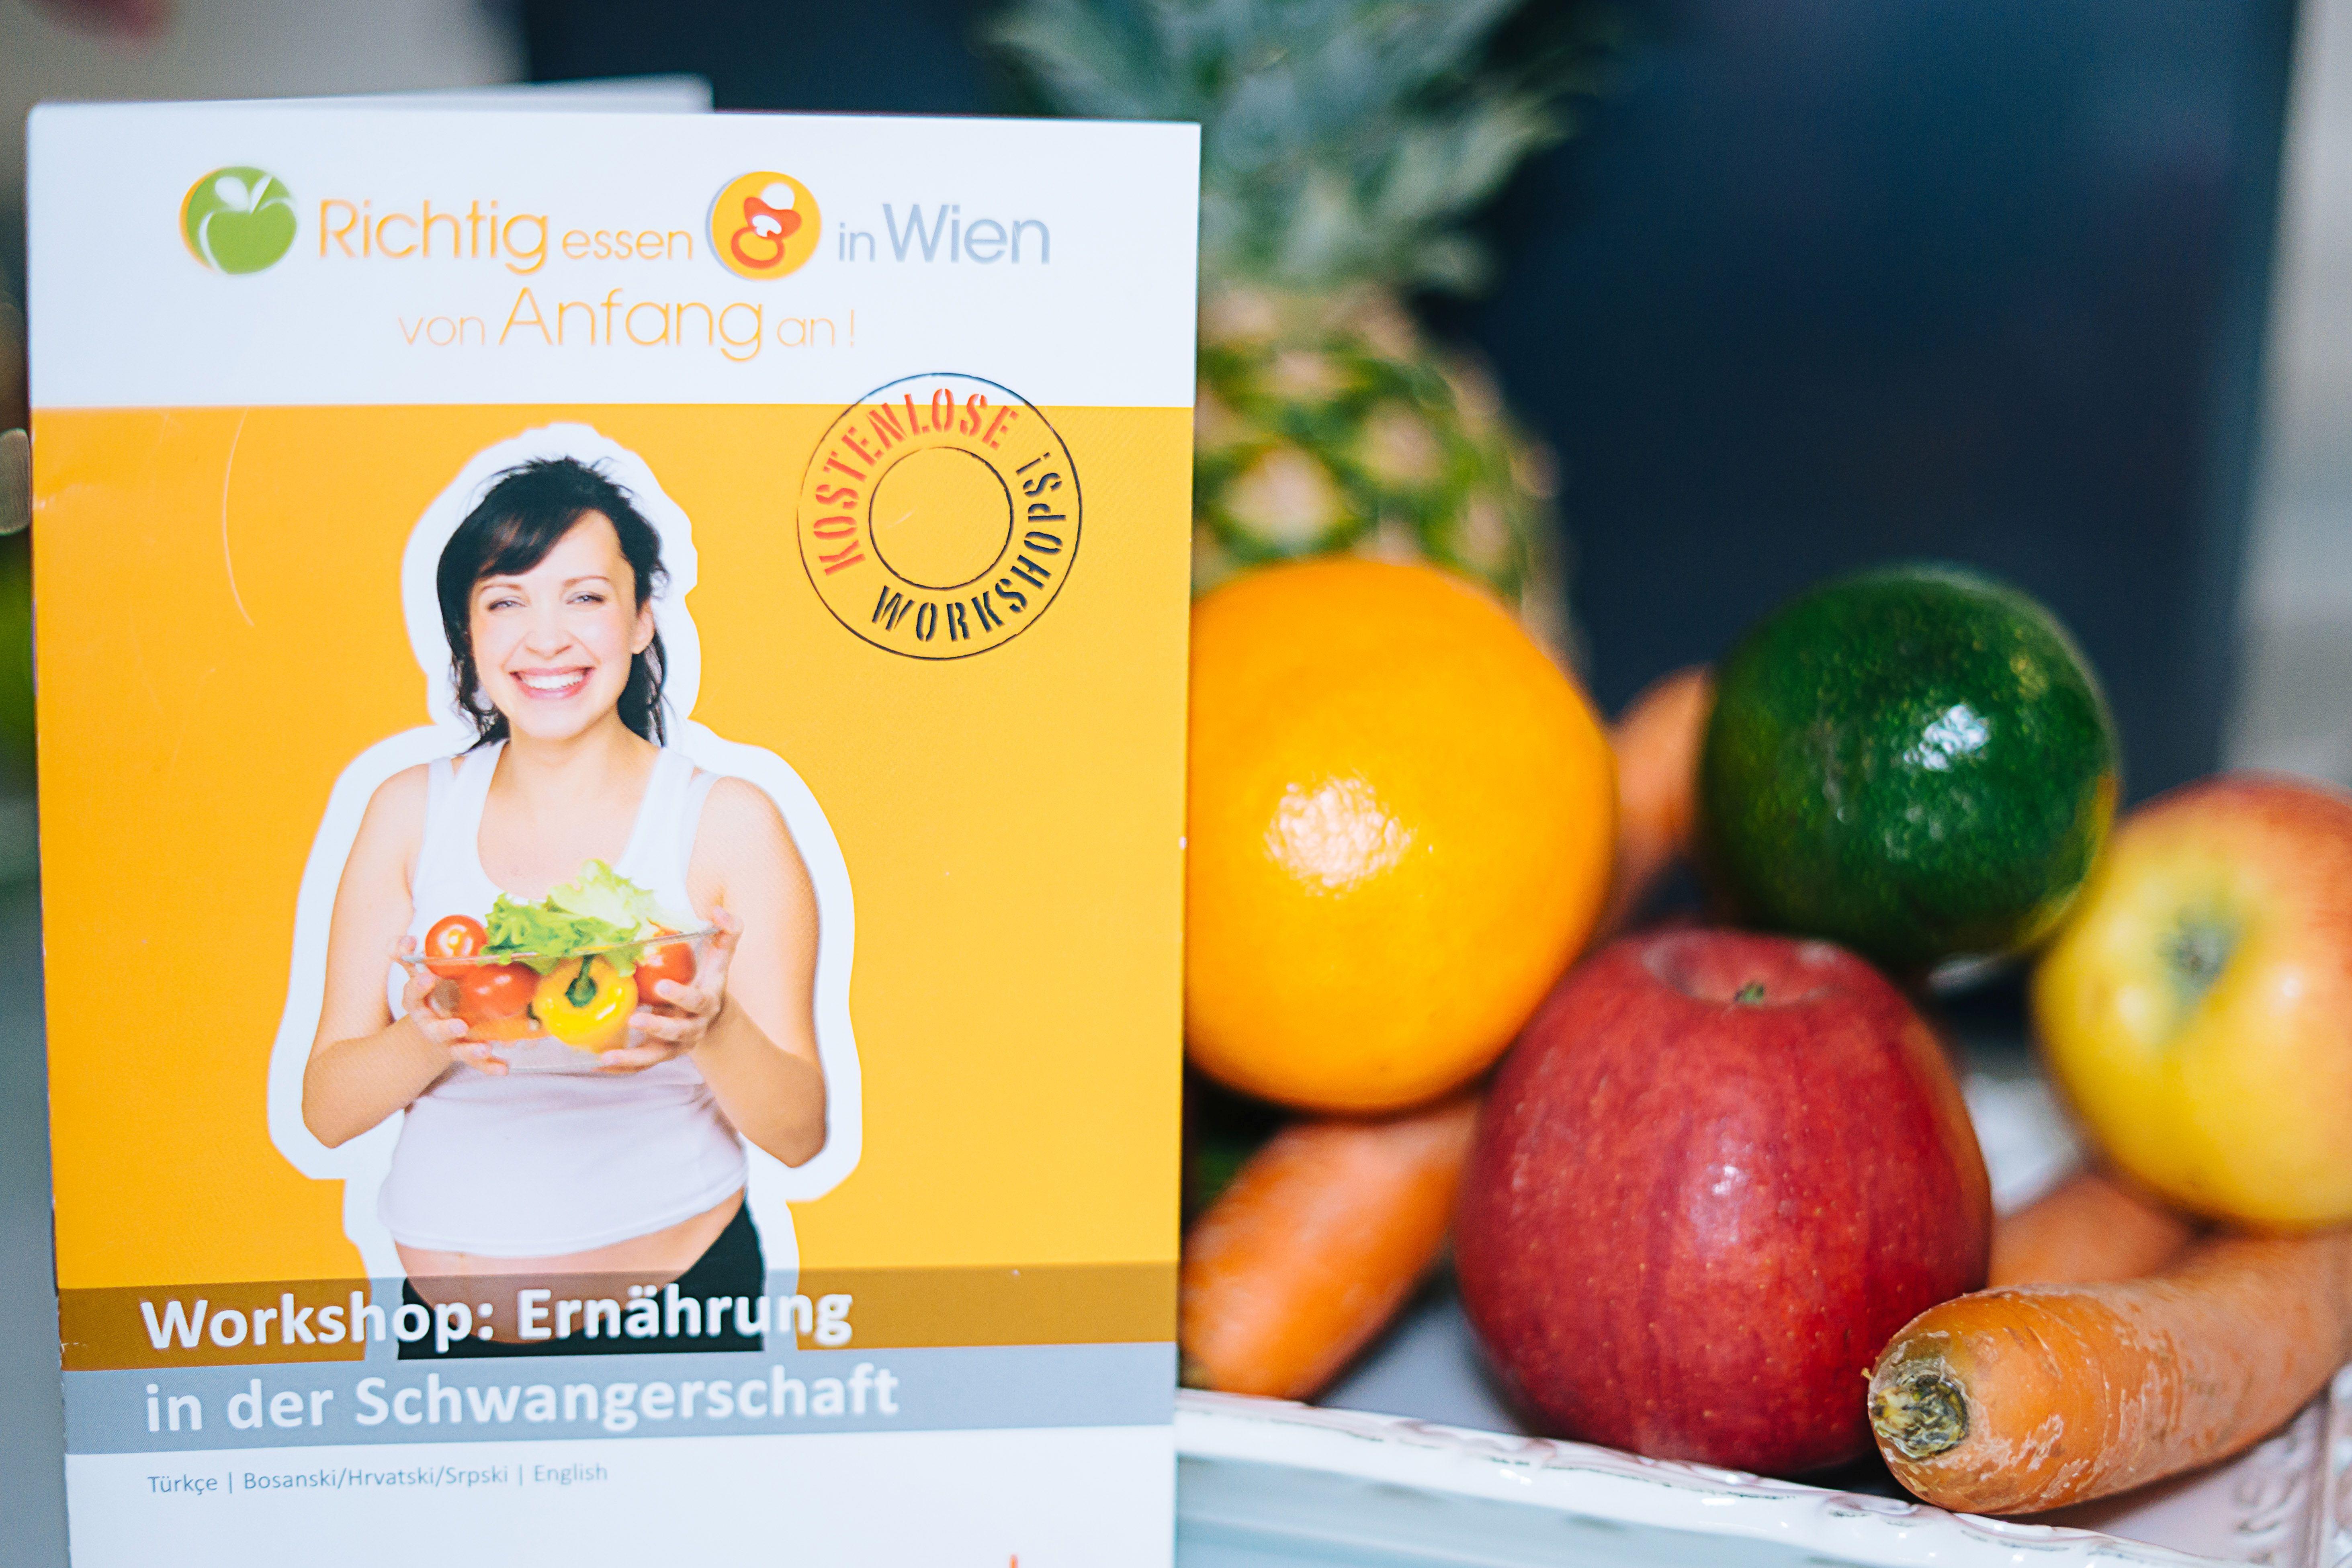 Frauengesundheit und Ernährungsberatung